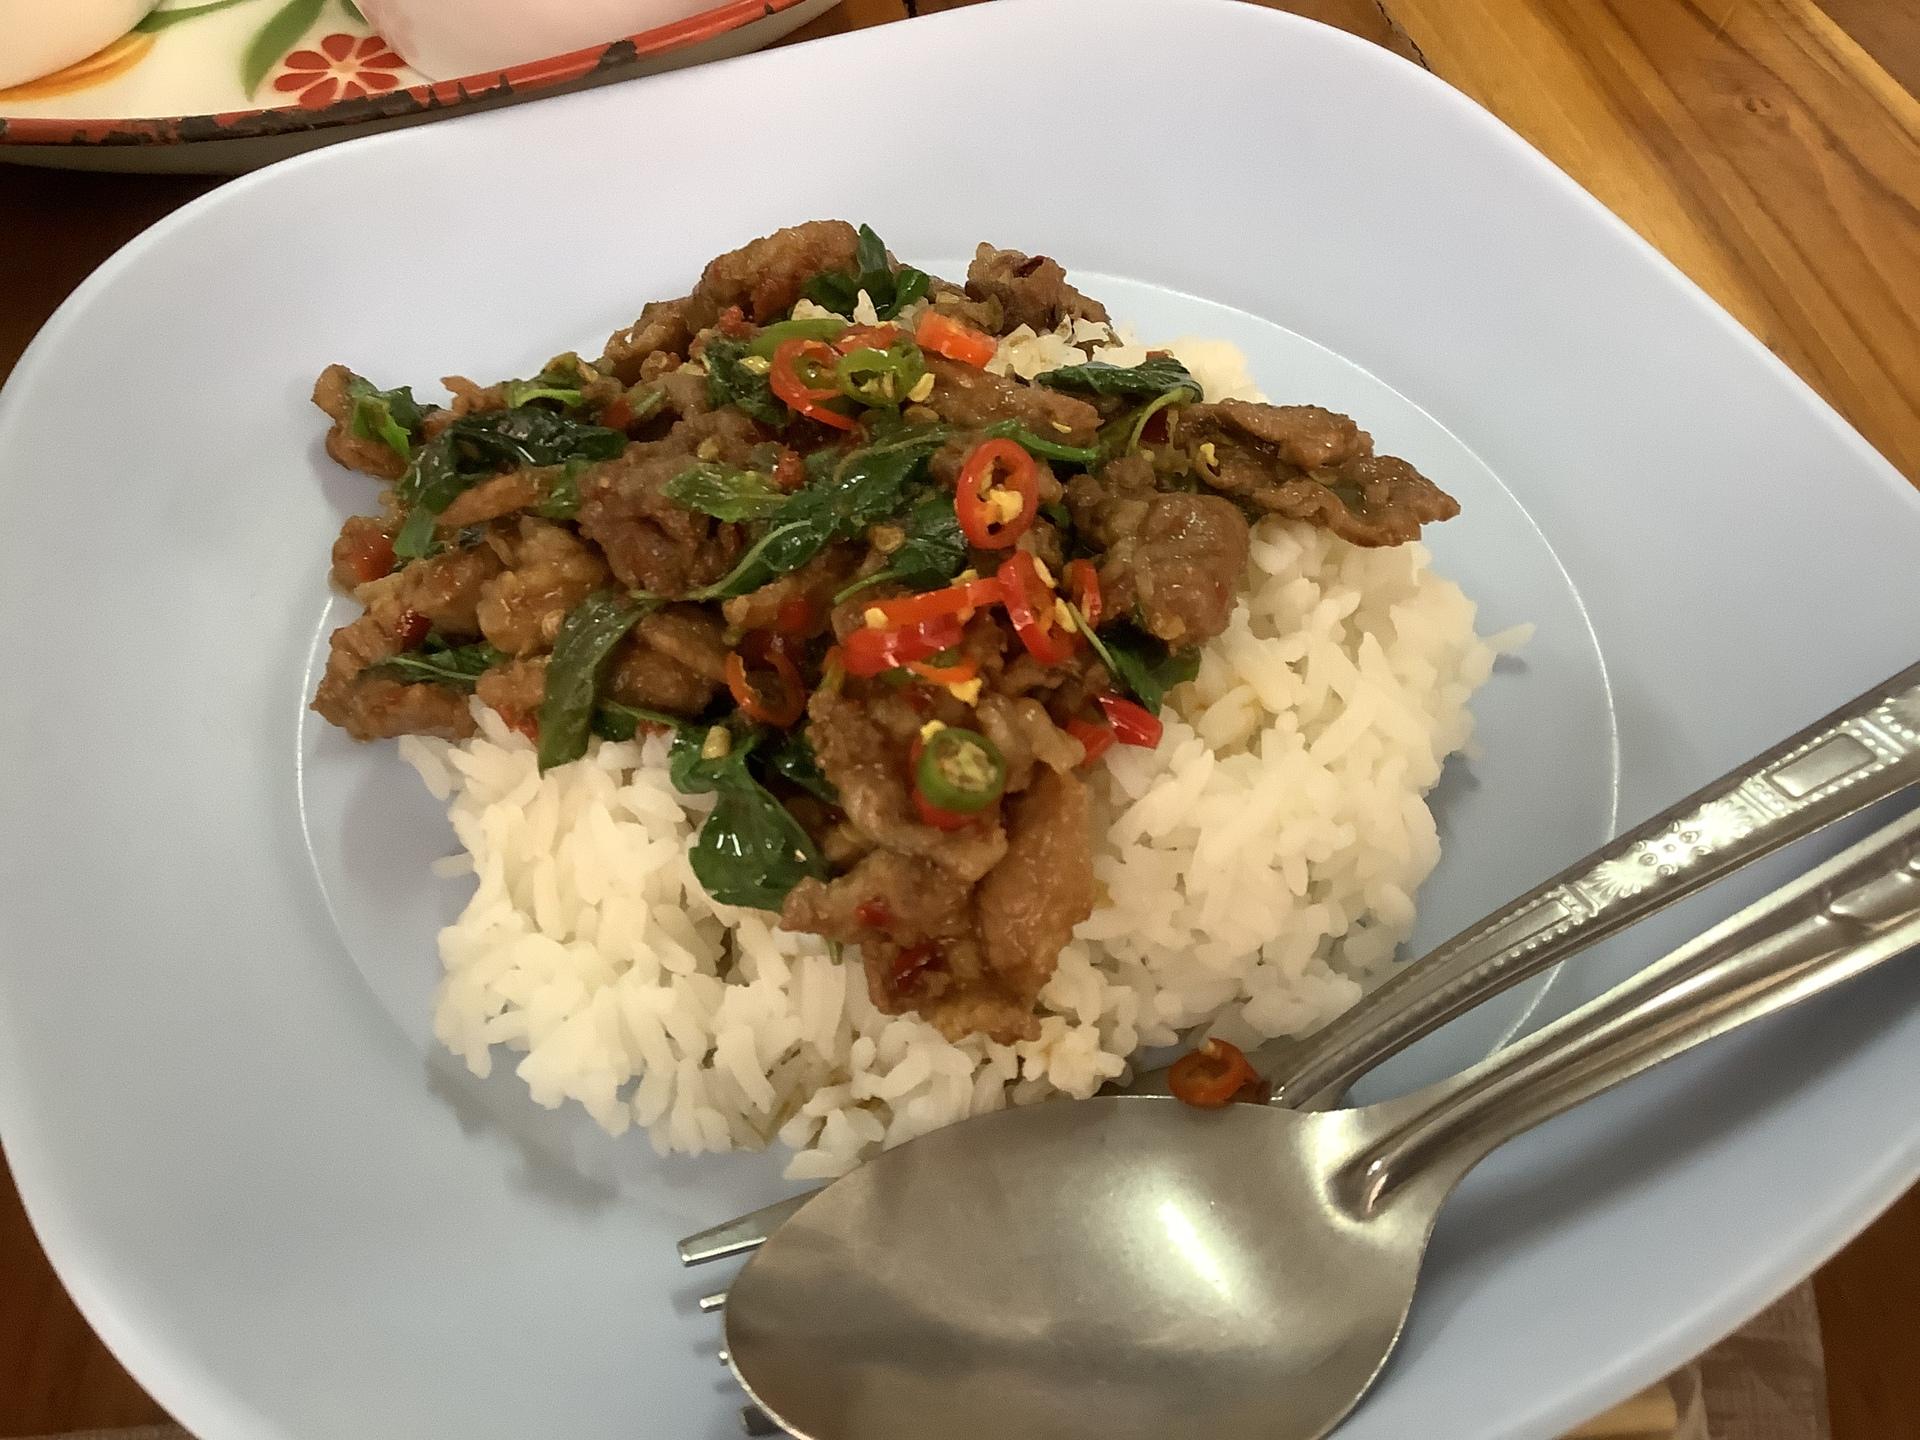 タイ料理 | パタヤ在住Medakaさんのおすすめ料理・食べ物